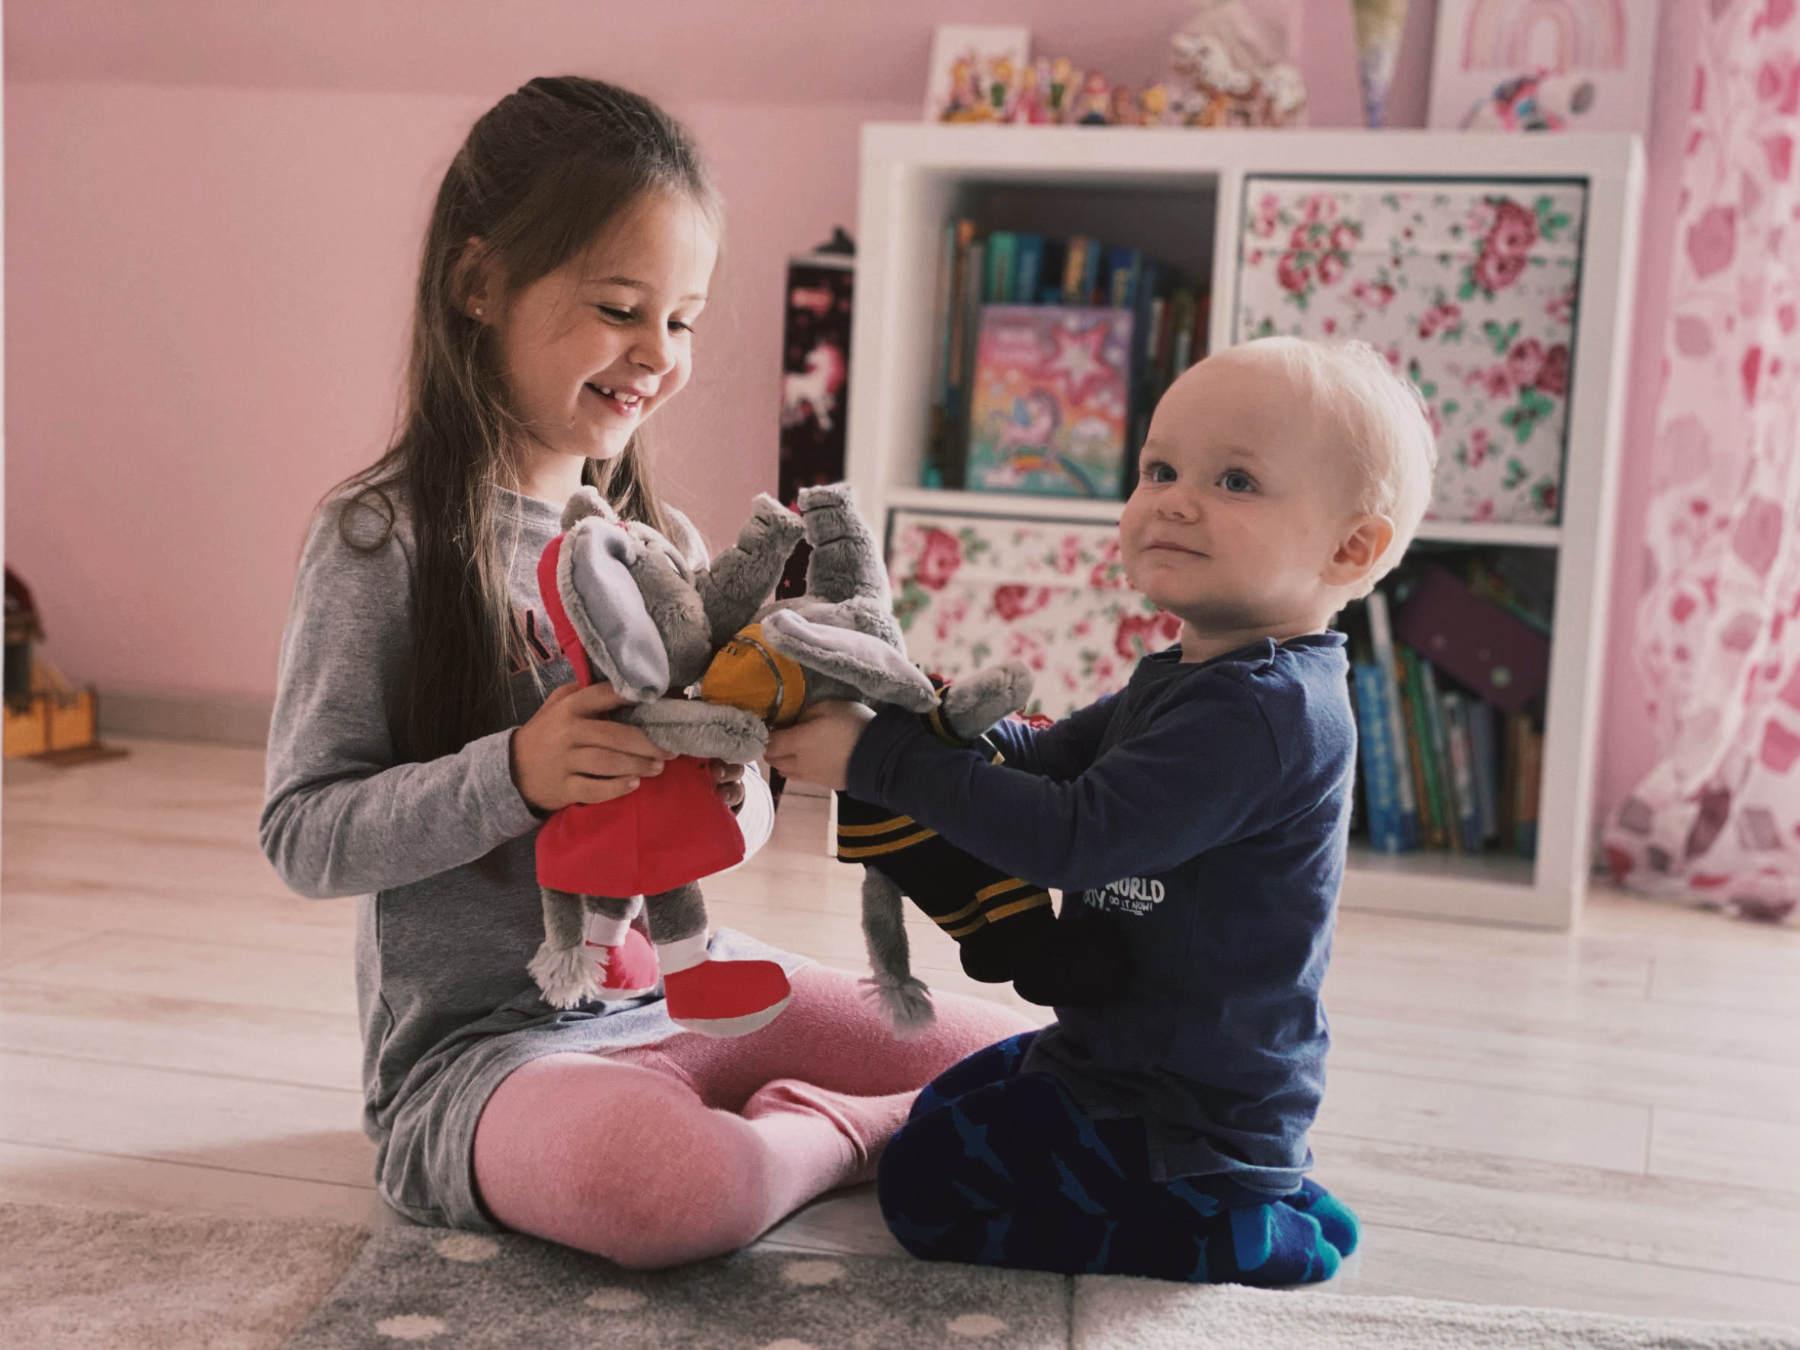 Qualität Mädchen und Baby spielen mit Plüschtieren im Zimmer